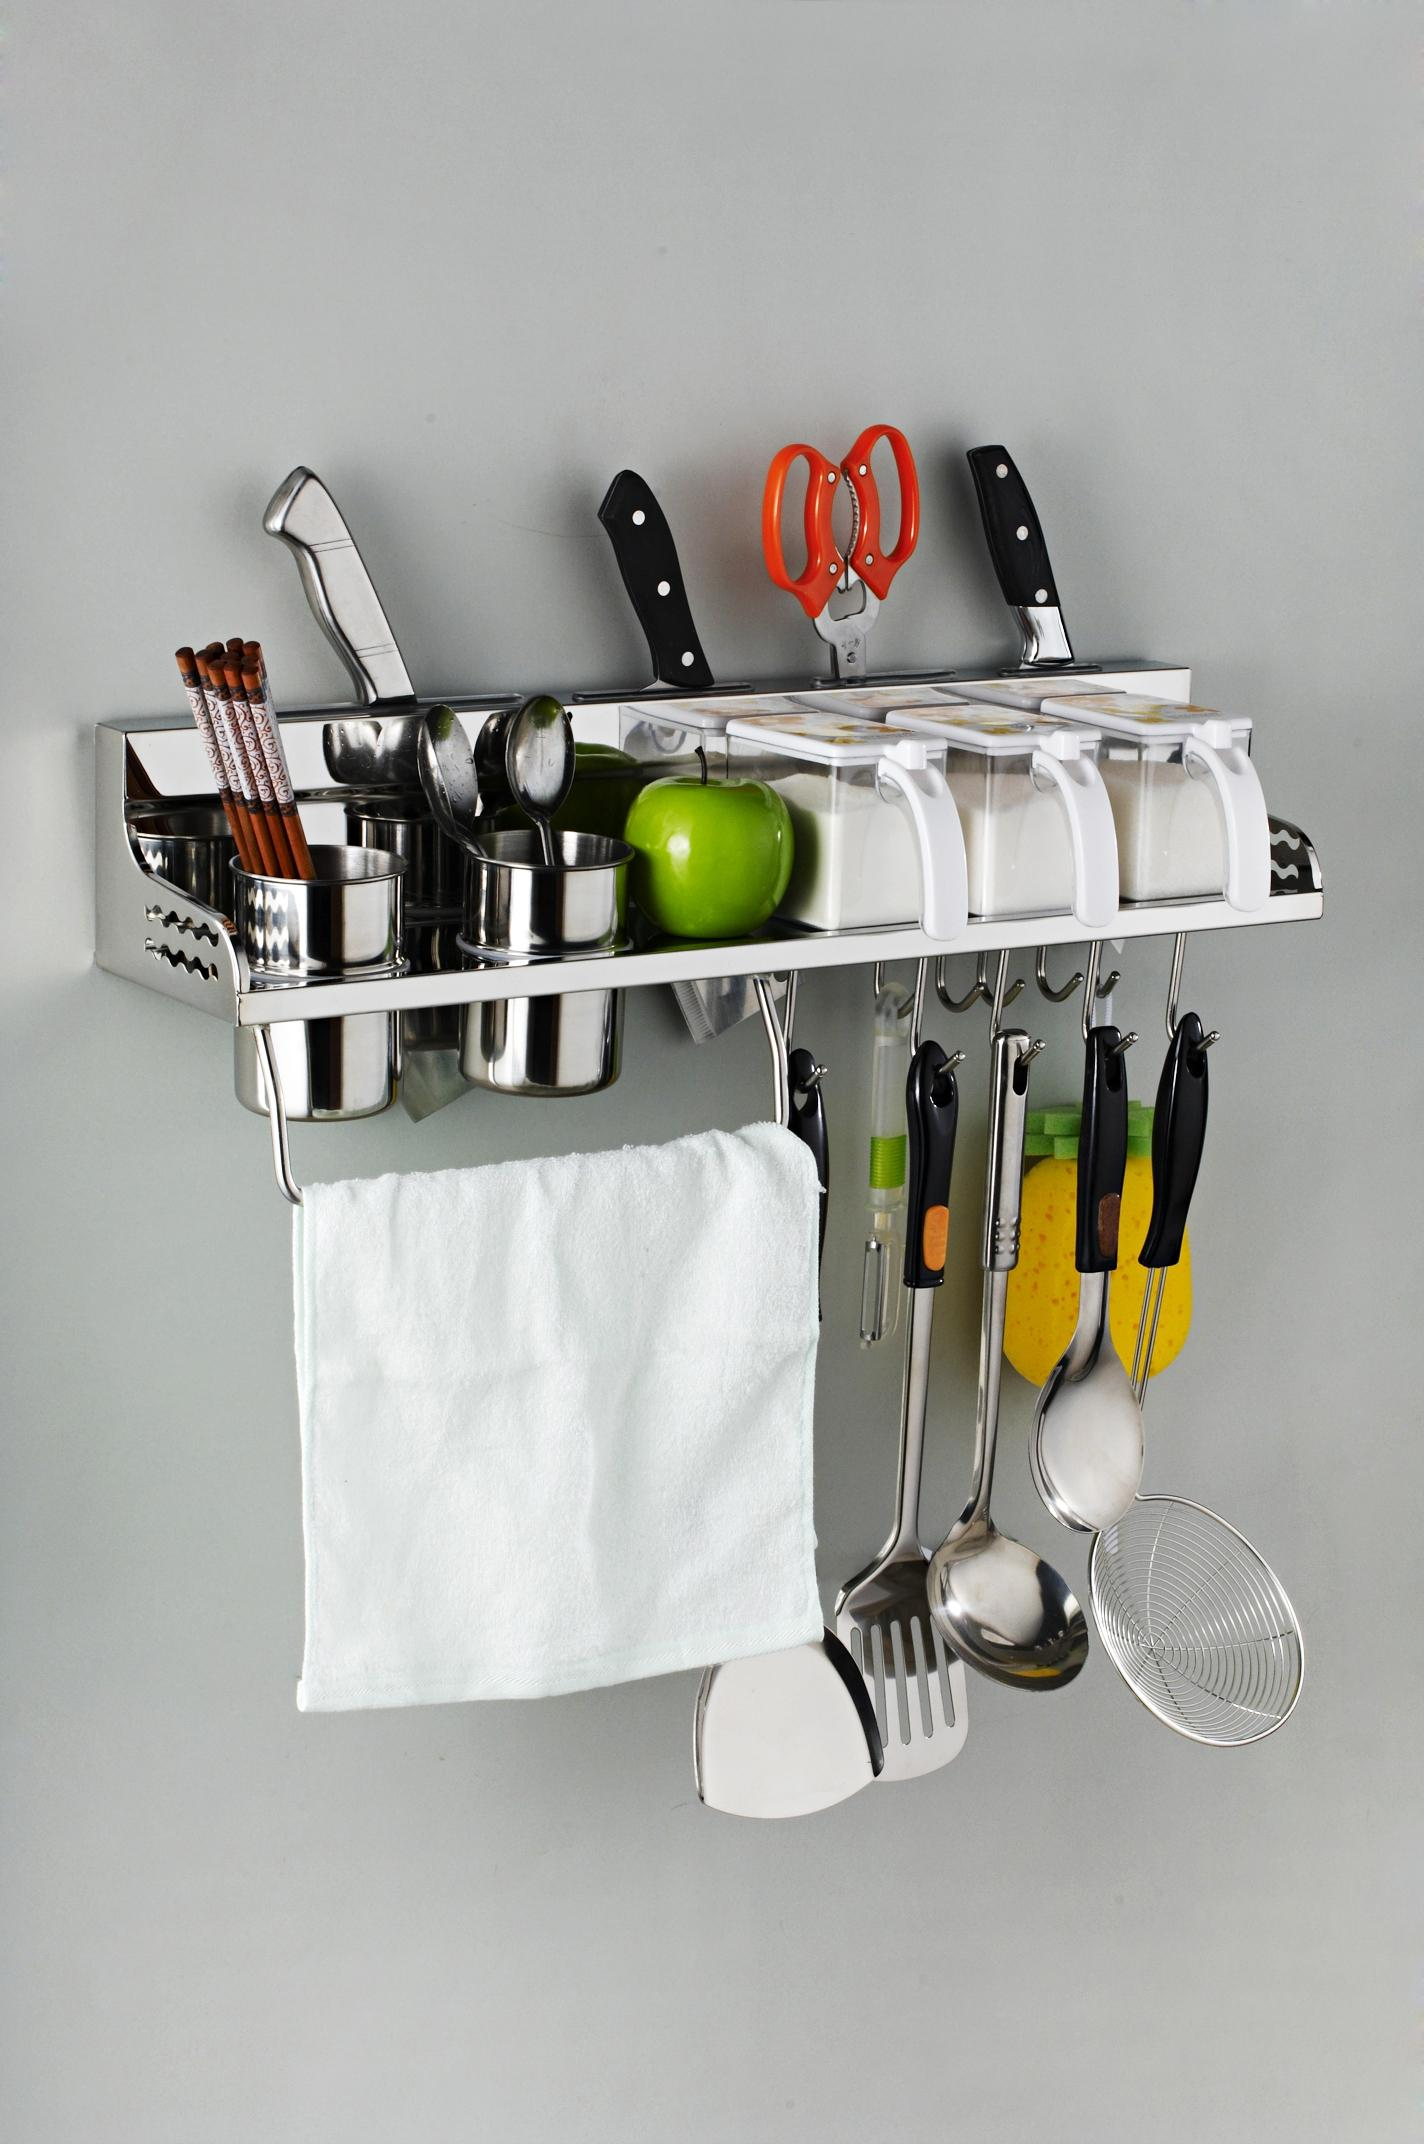 Delightful Online Cheap Shelf 304 Stainless Steel Kitchen Accessories Storage Rack  Spice Rack Hook,Kitchen Holder U0026Amp; Storage 60cm M 003a By Wzborui |  Dhgate.Com